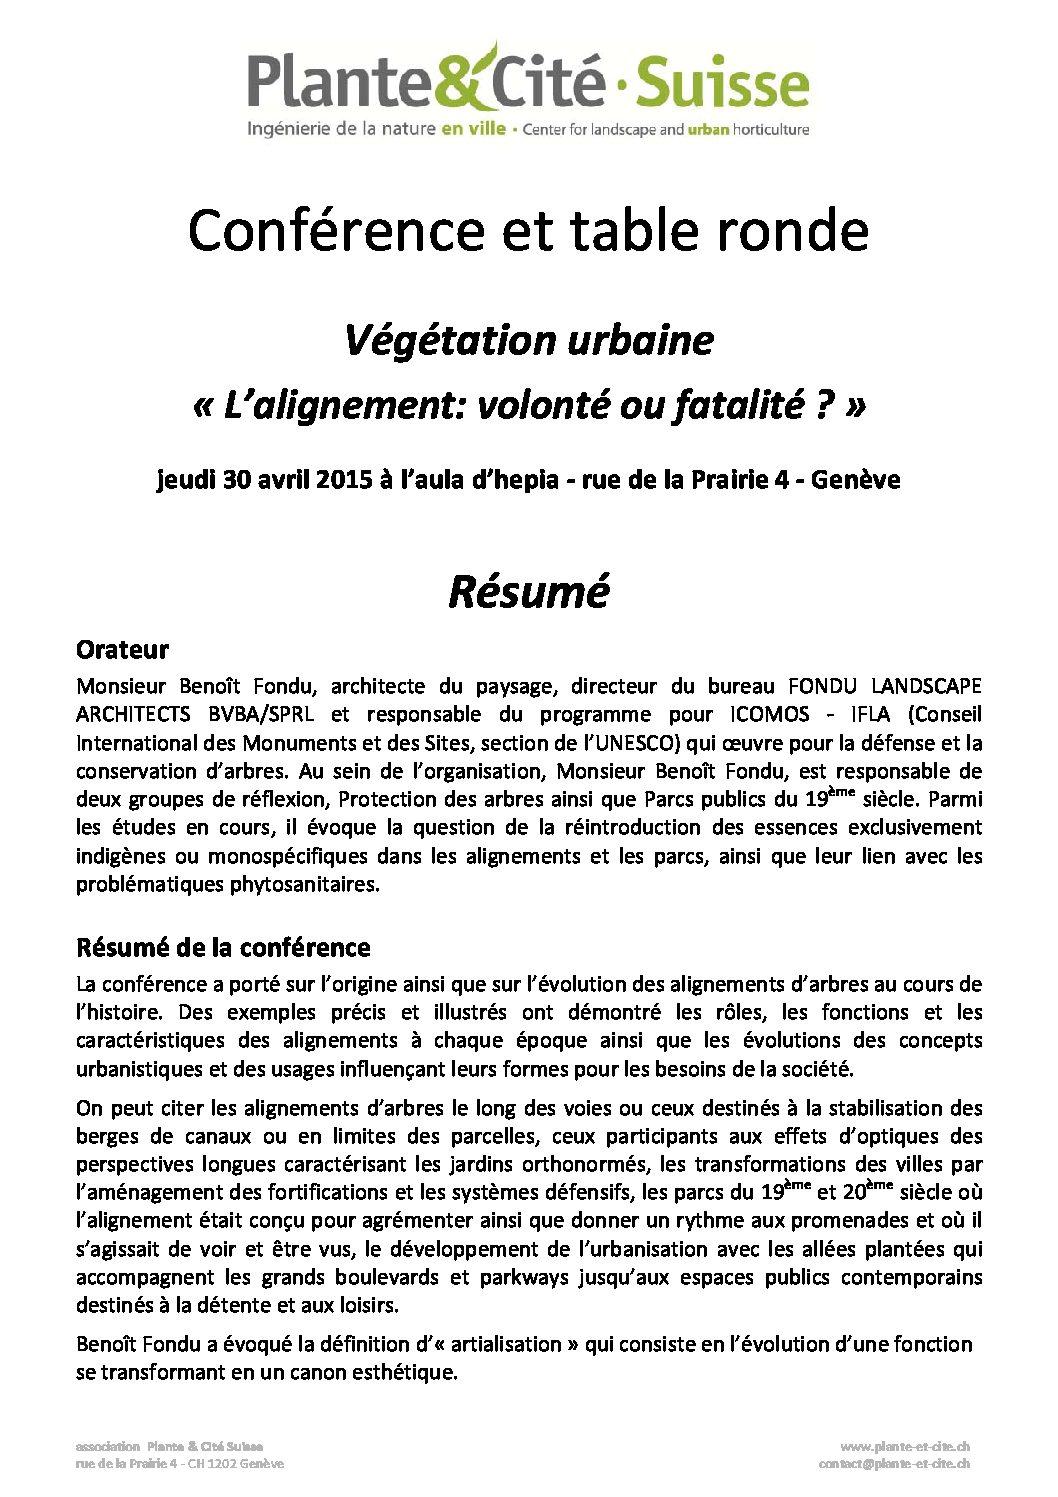 Conférence et table ronde: «L'alignement: volonté ou fatalité?»